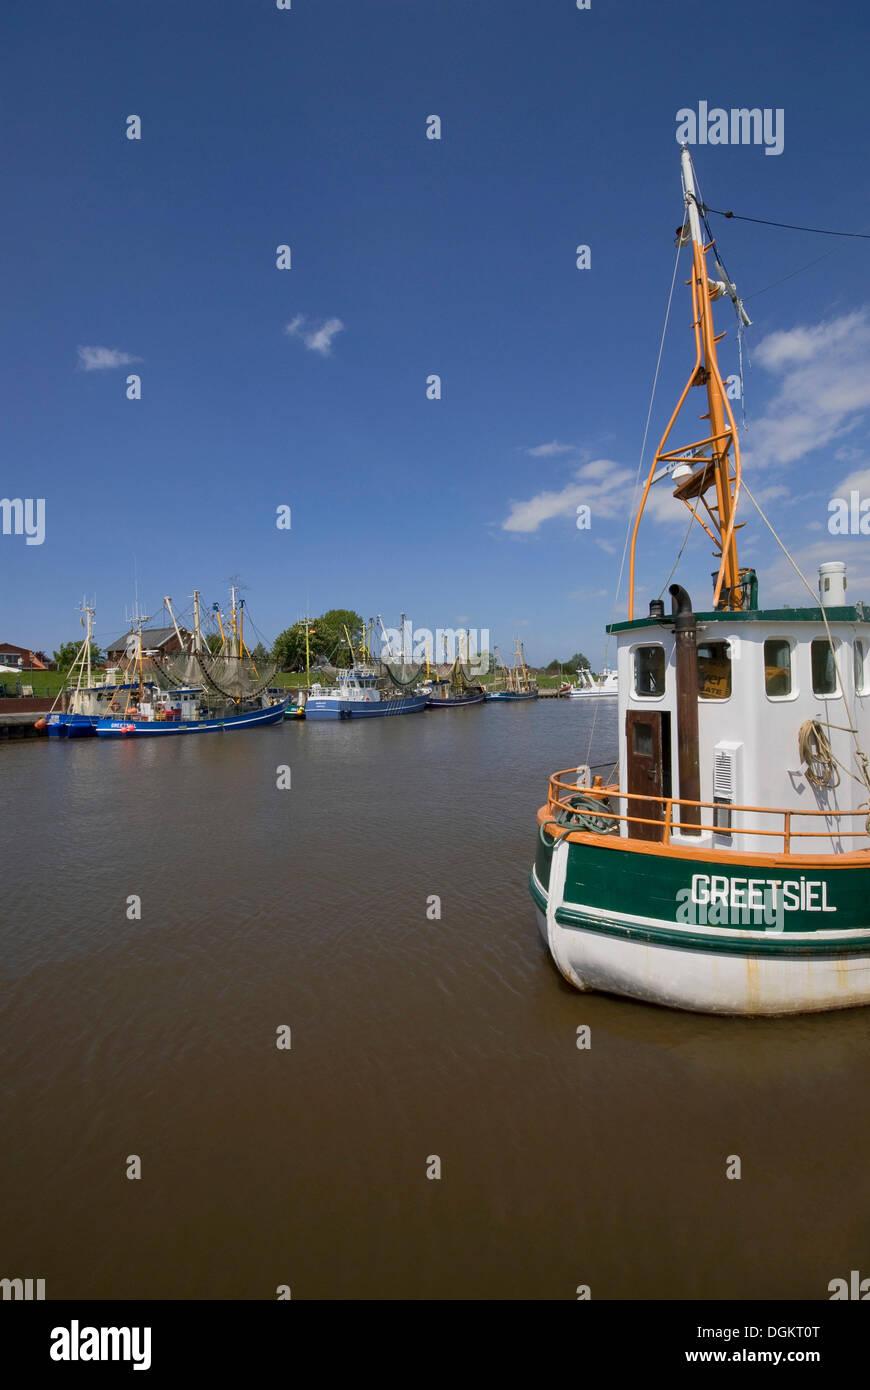 Blick auf Hafen von Greetsiel mit Krabben Boote, Krummhoern, Ostfriesland, Niedersachsen Stockbild